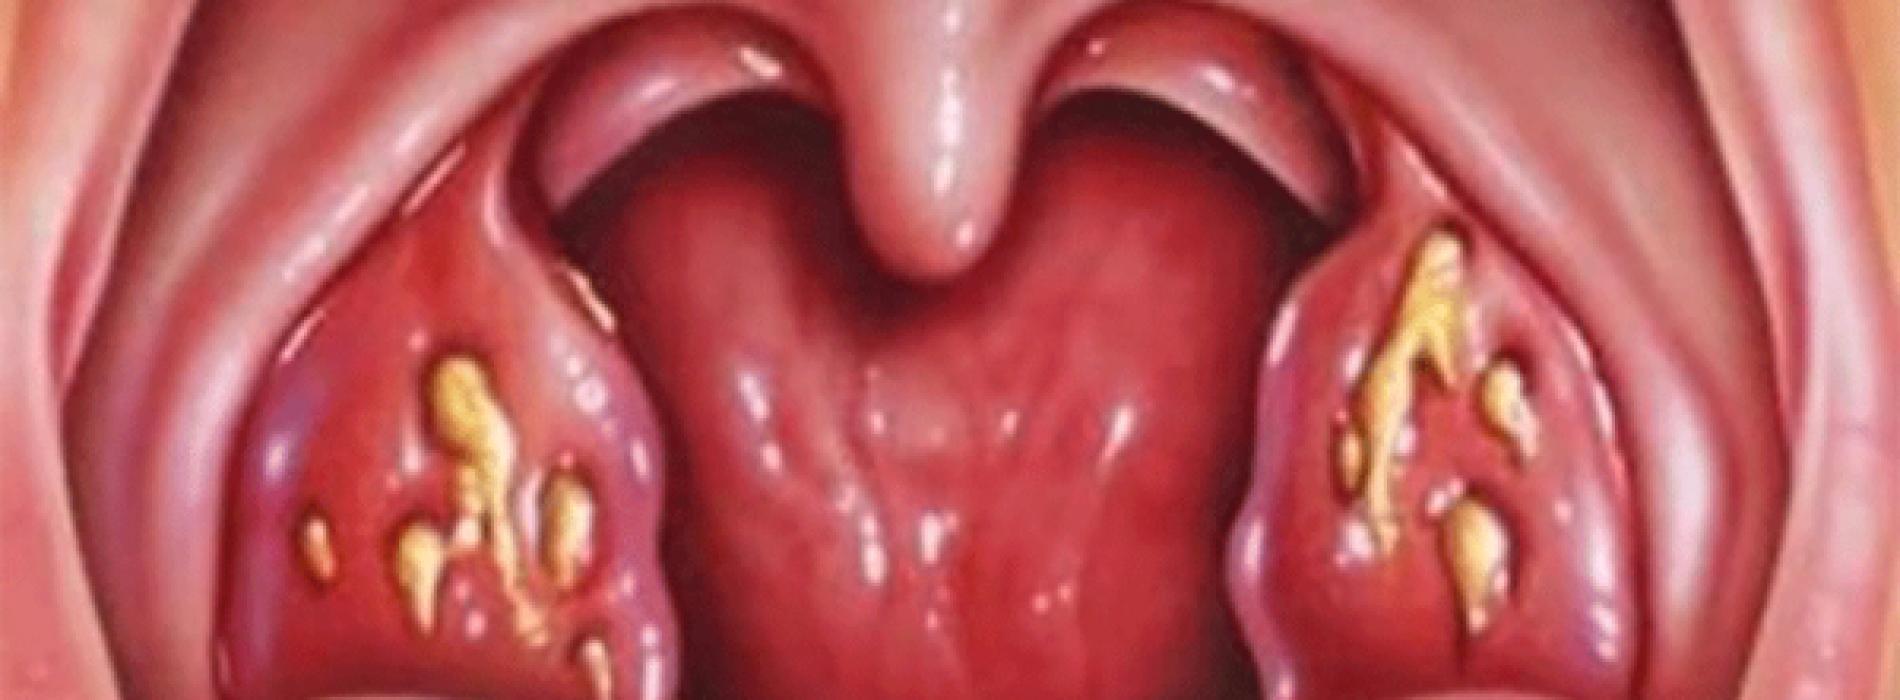 Natuurlijke remedie die keelpijn in slechts 4 uur verlicht (video en recept)